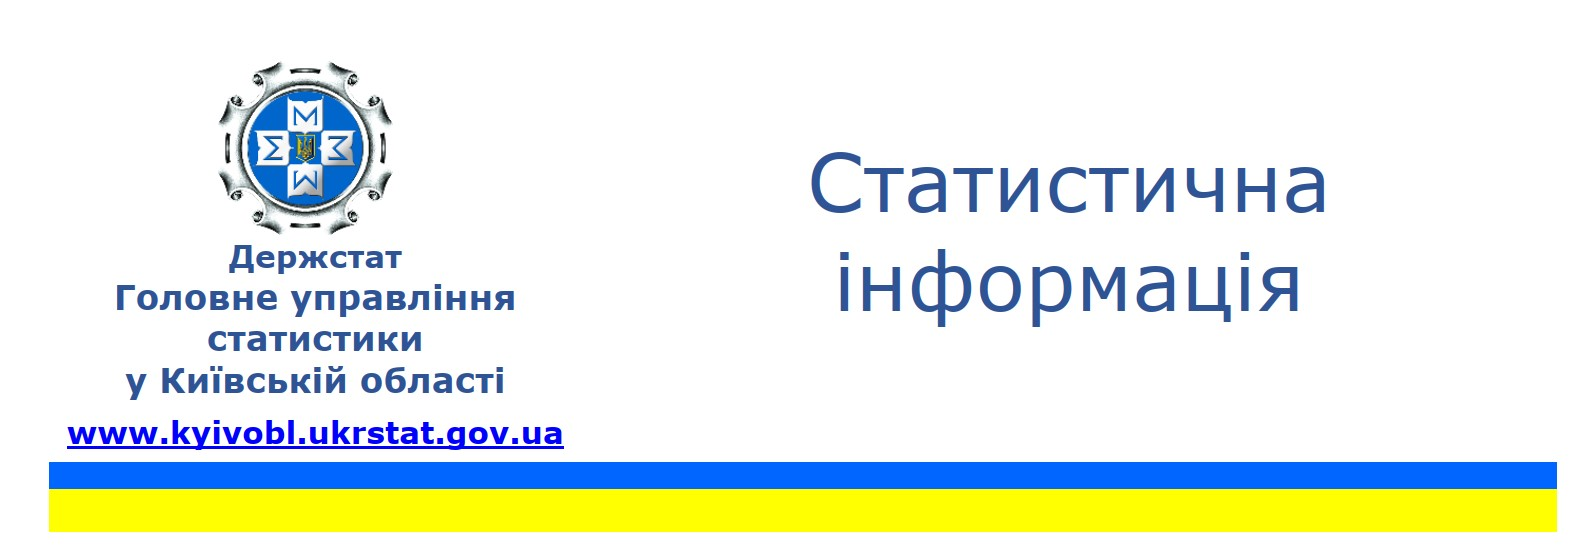 Статистична інформація - Житлове будівництво у січні-червні 2021 року  у Бучанському районі1